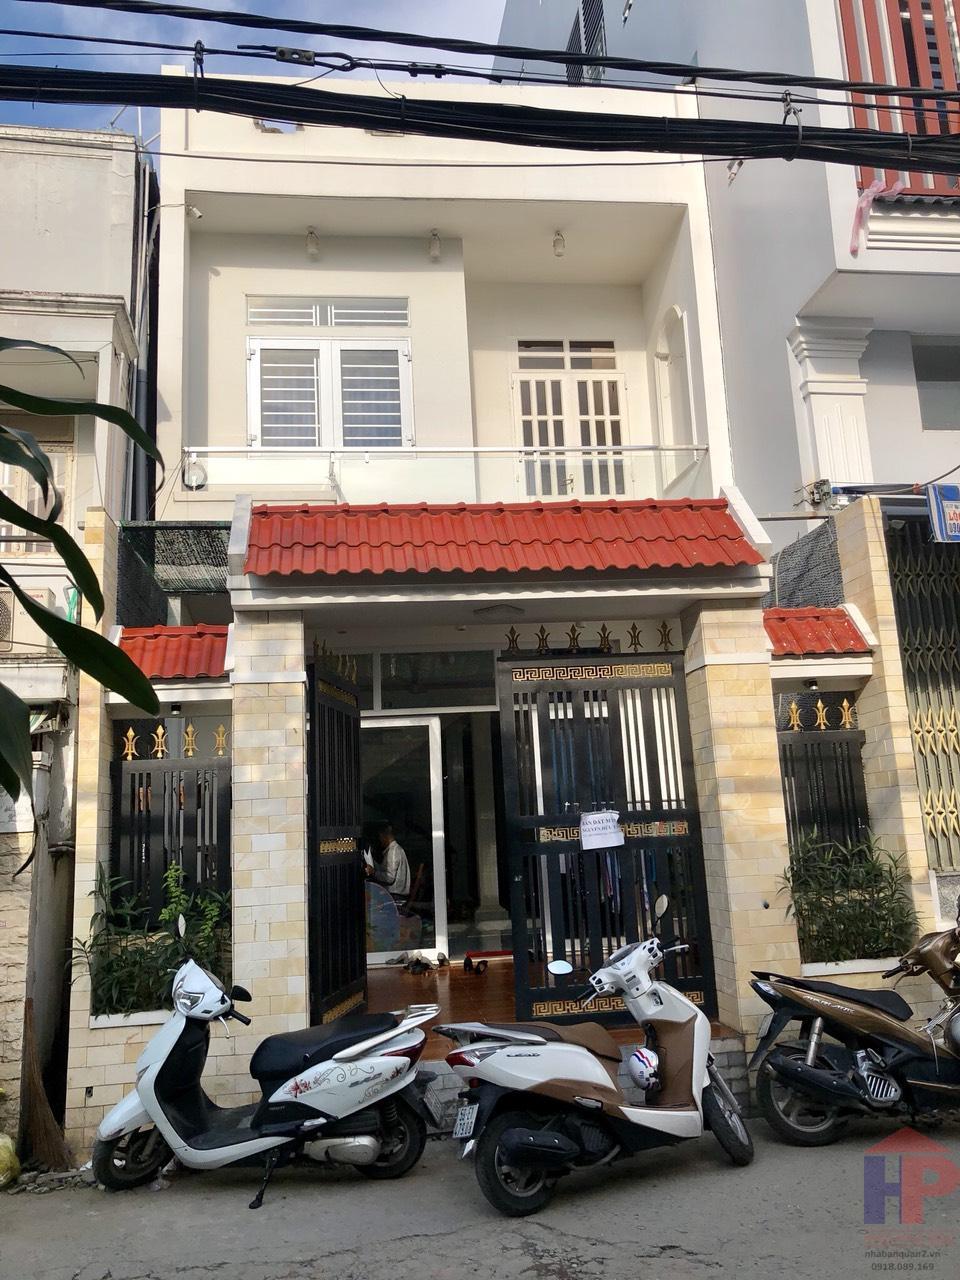 Bán nhà hẻm 88 Nguyễn Văn Quỳ Quận 7, DT 5.2x20.35m, giá 6.3 tỷ